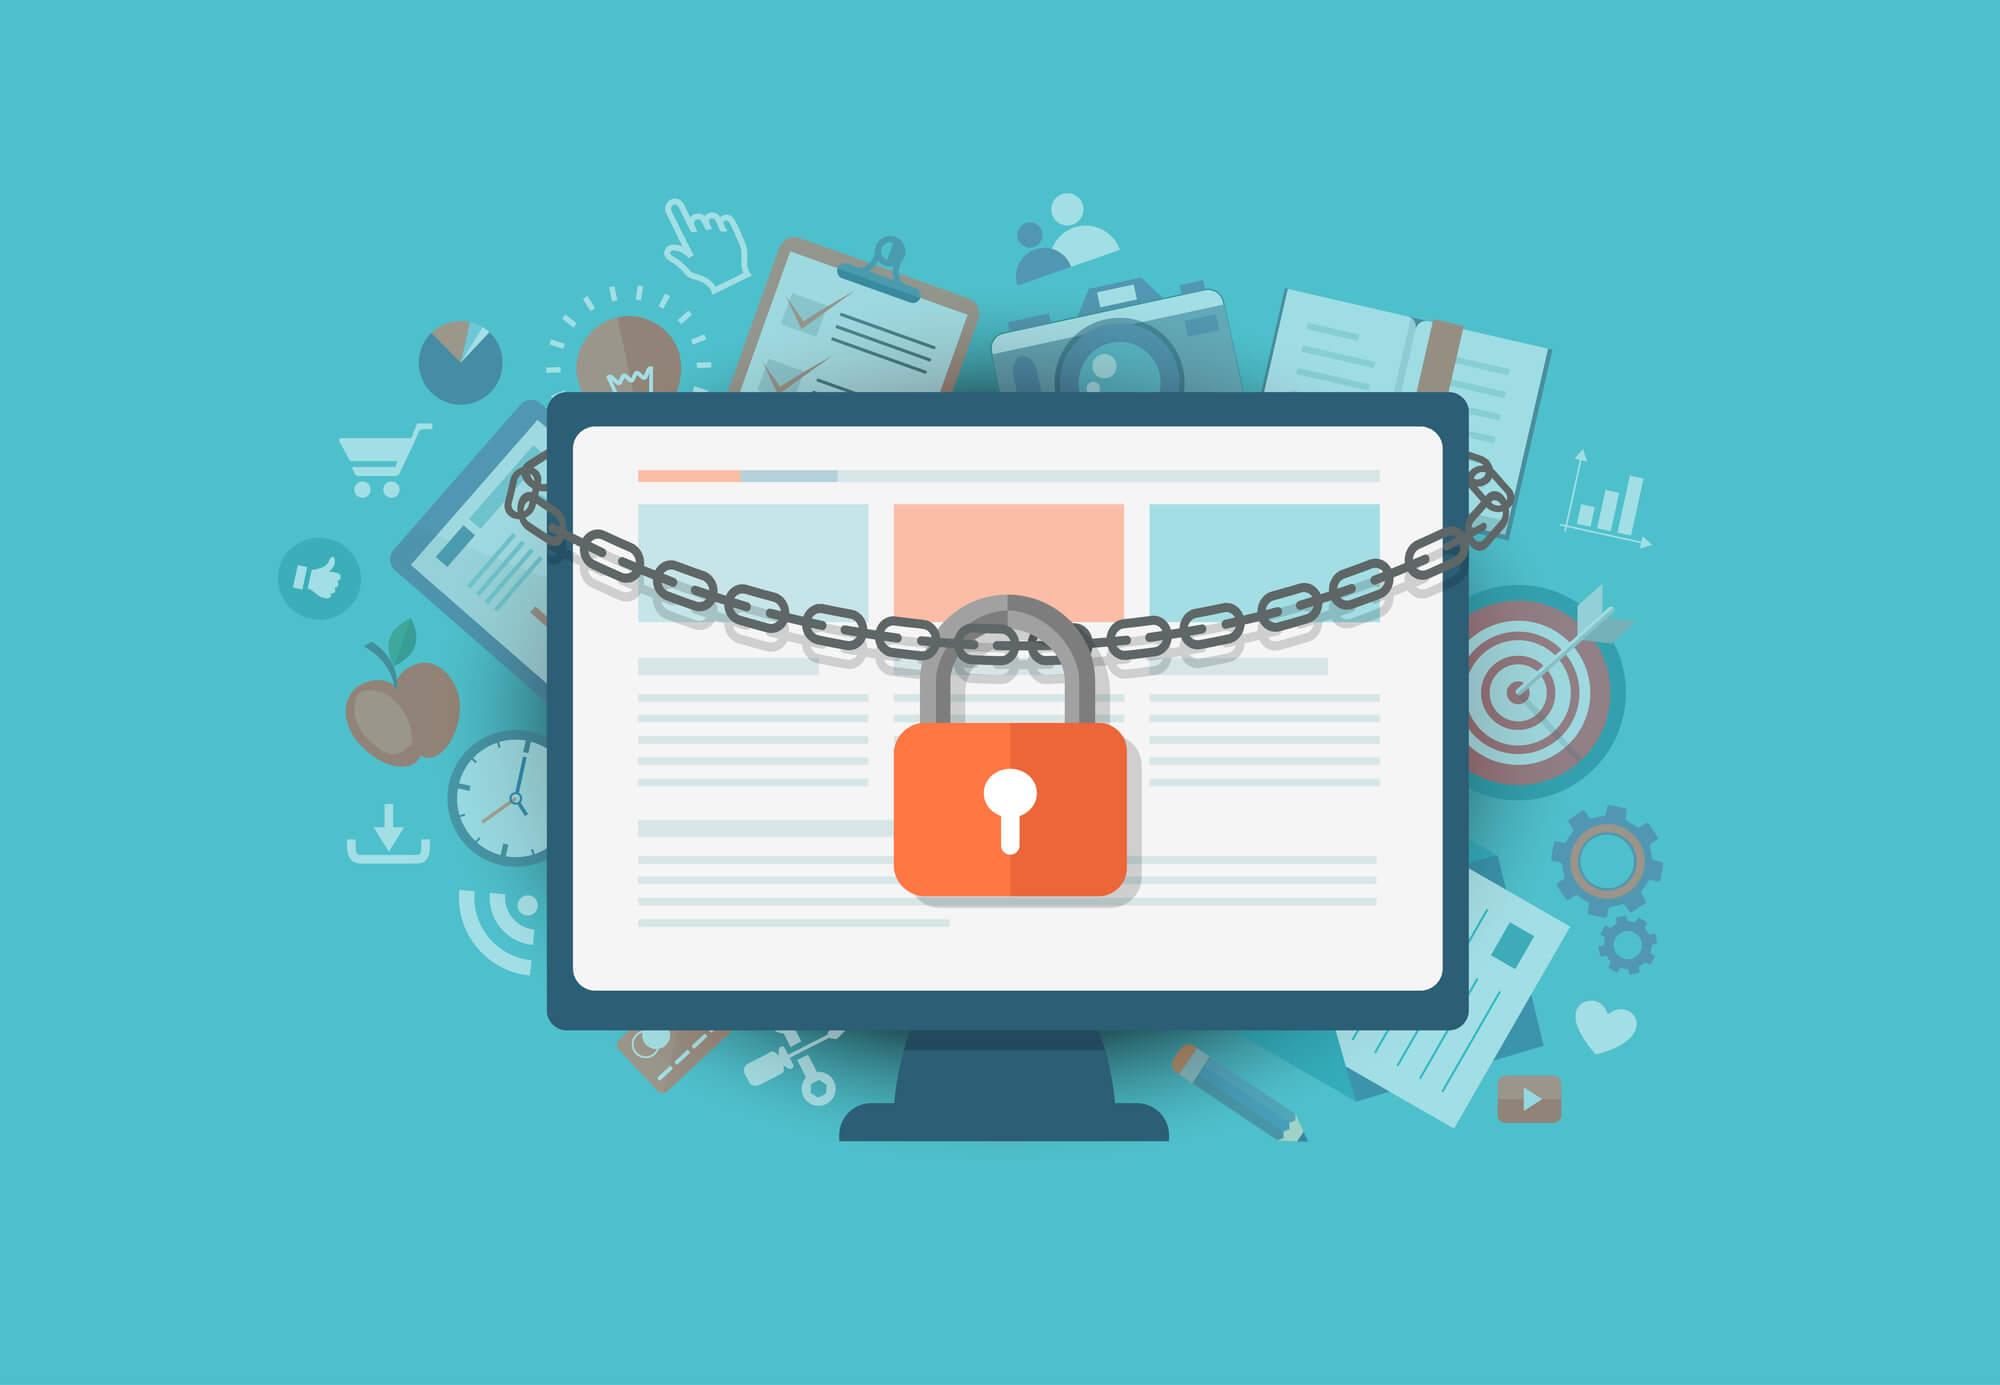 5 dicas de segurança digital para colocar em prática imediatamente